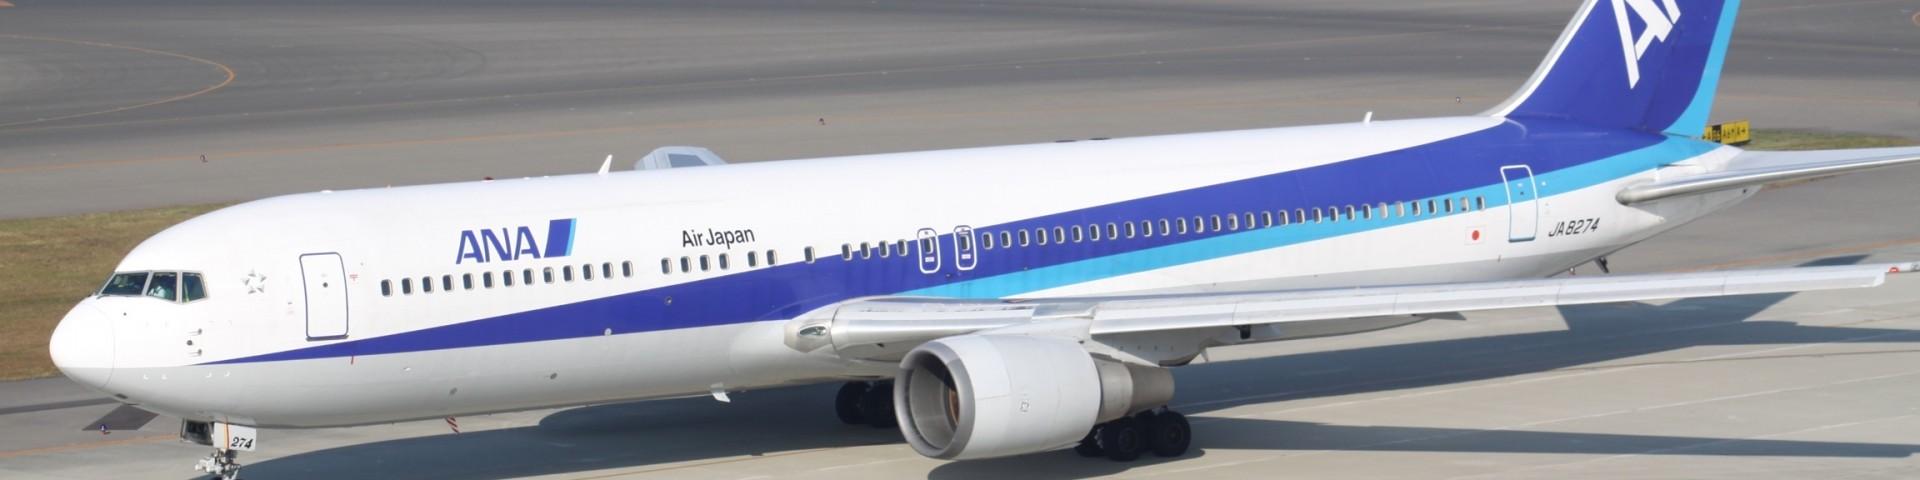 Boeing 767 Air Japan